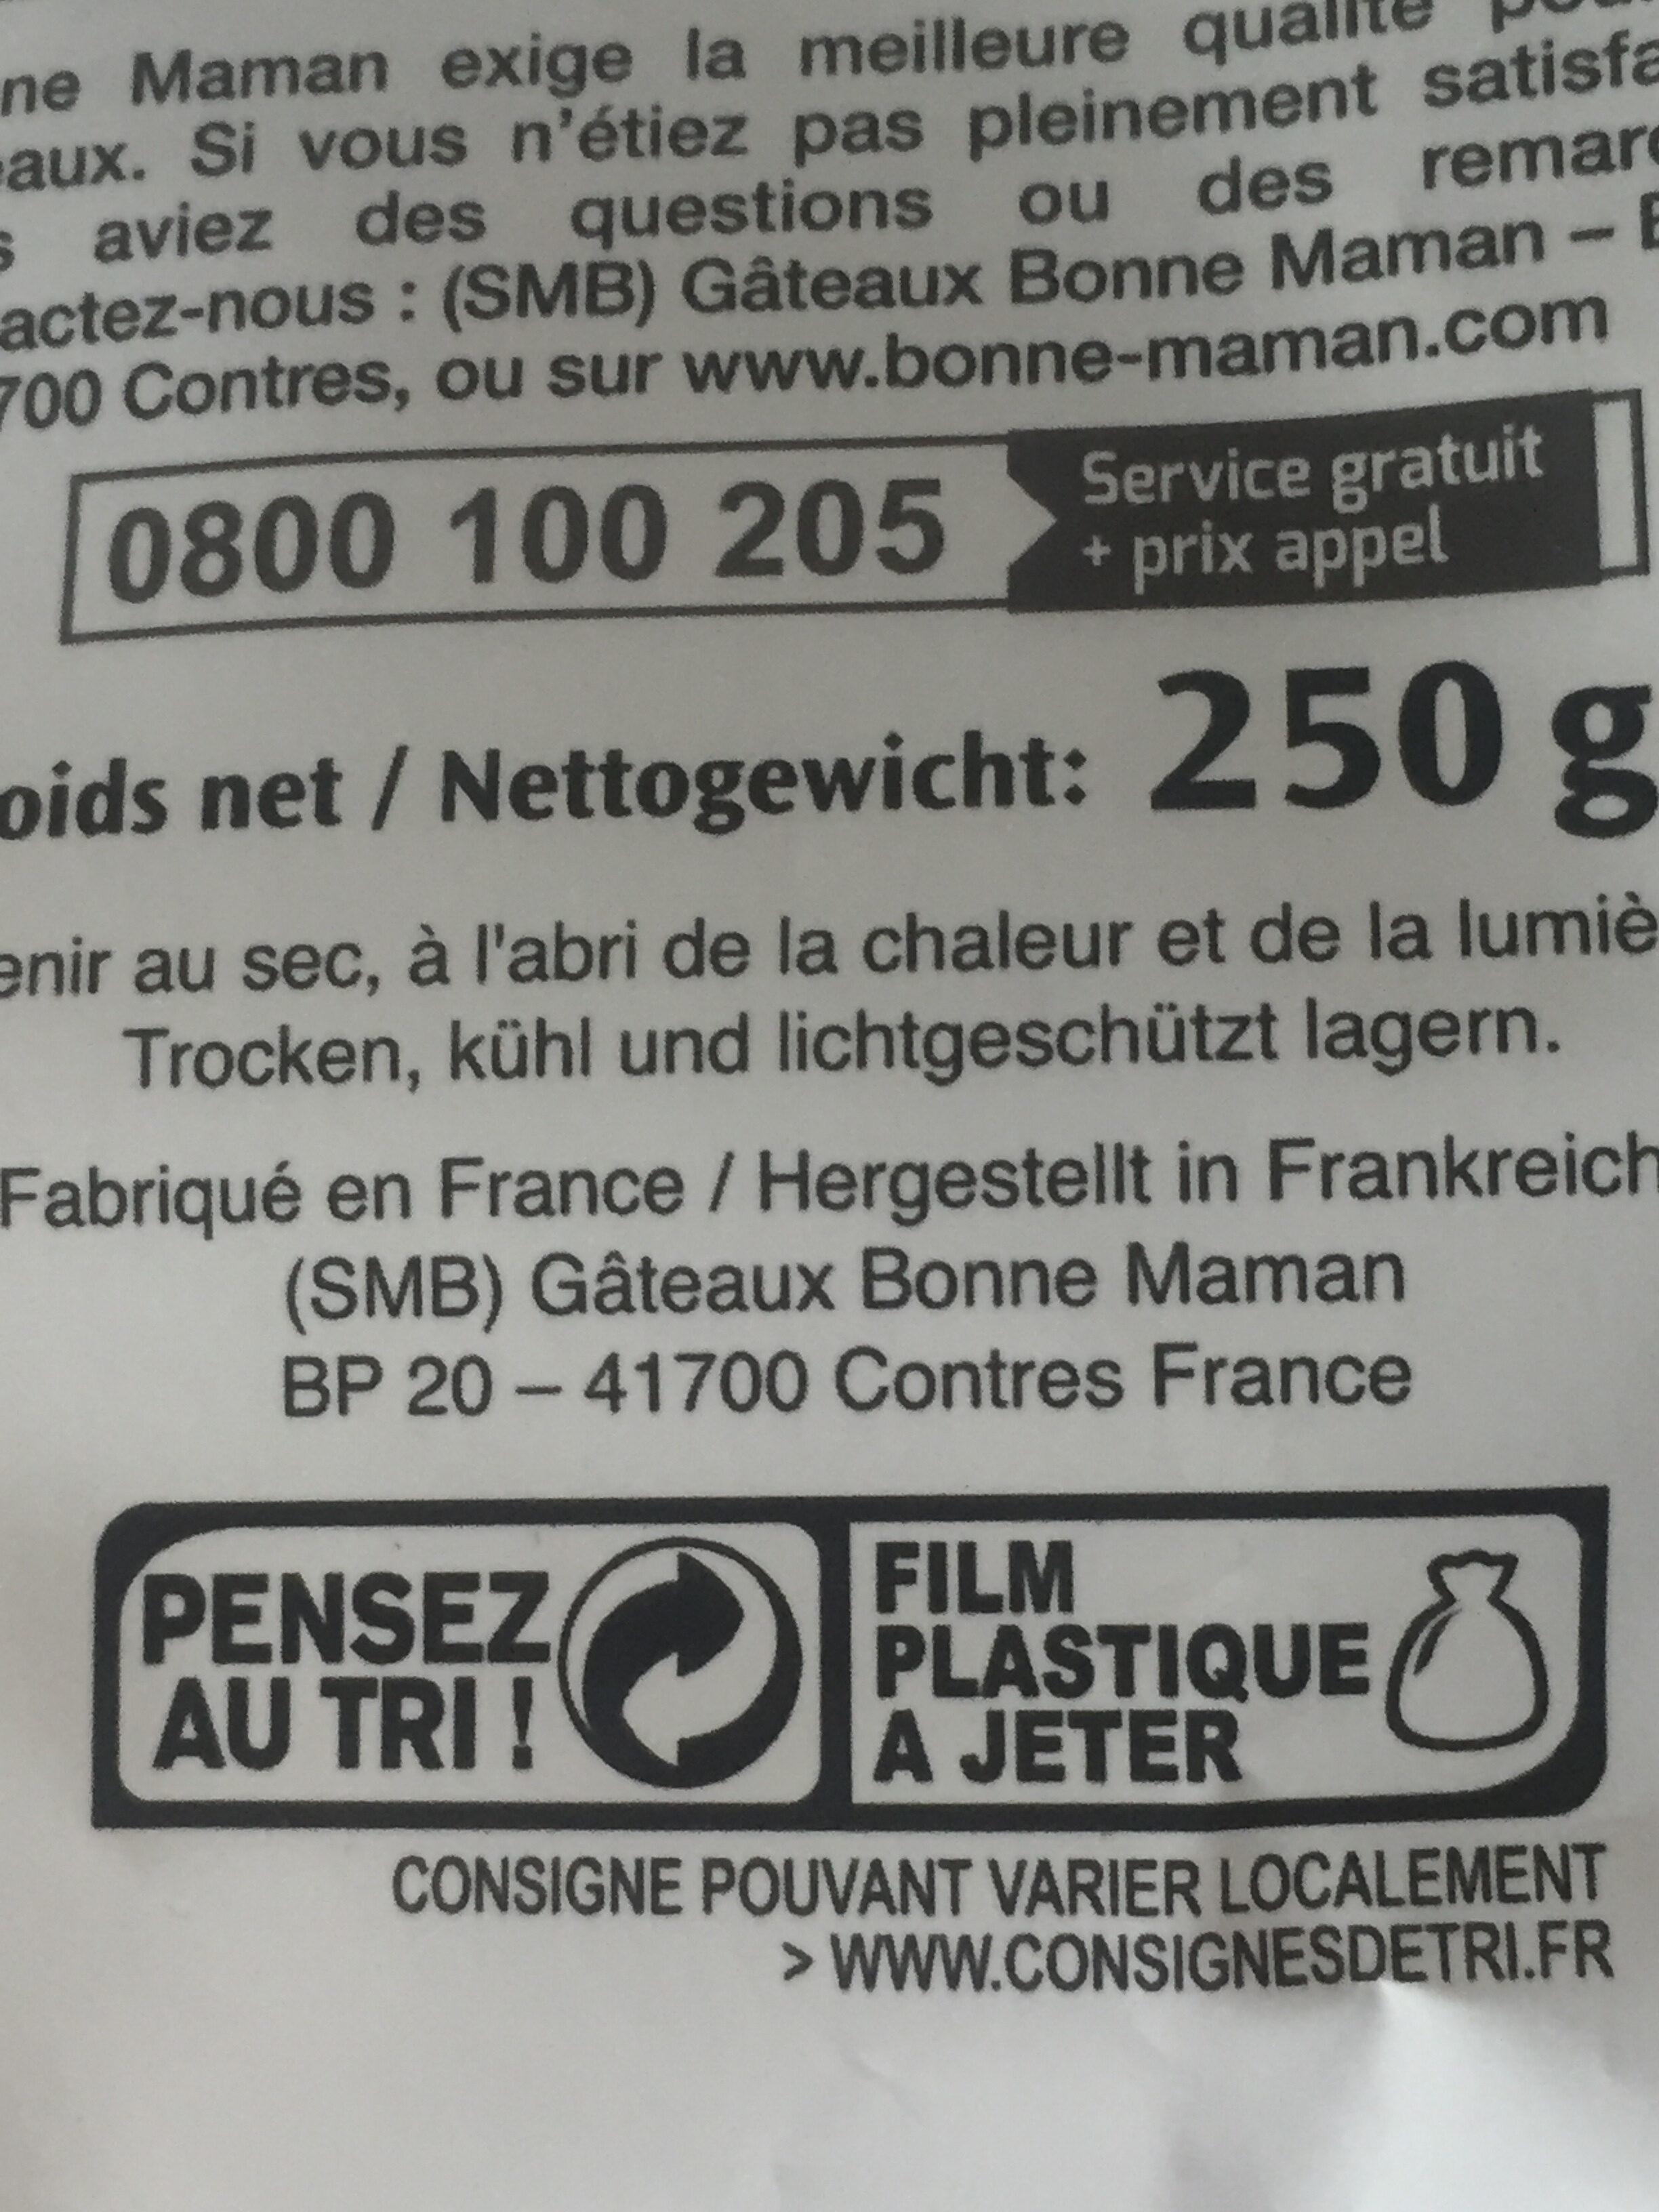 Financiers Amandes - Instruction de recyclage et/ou informations d'emballage - fr